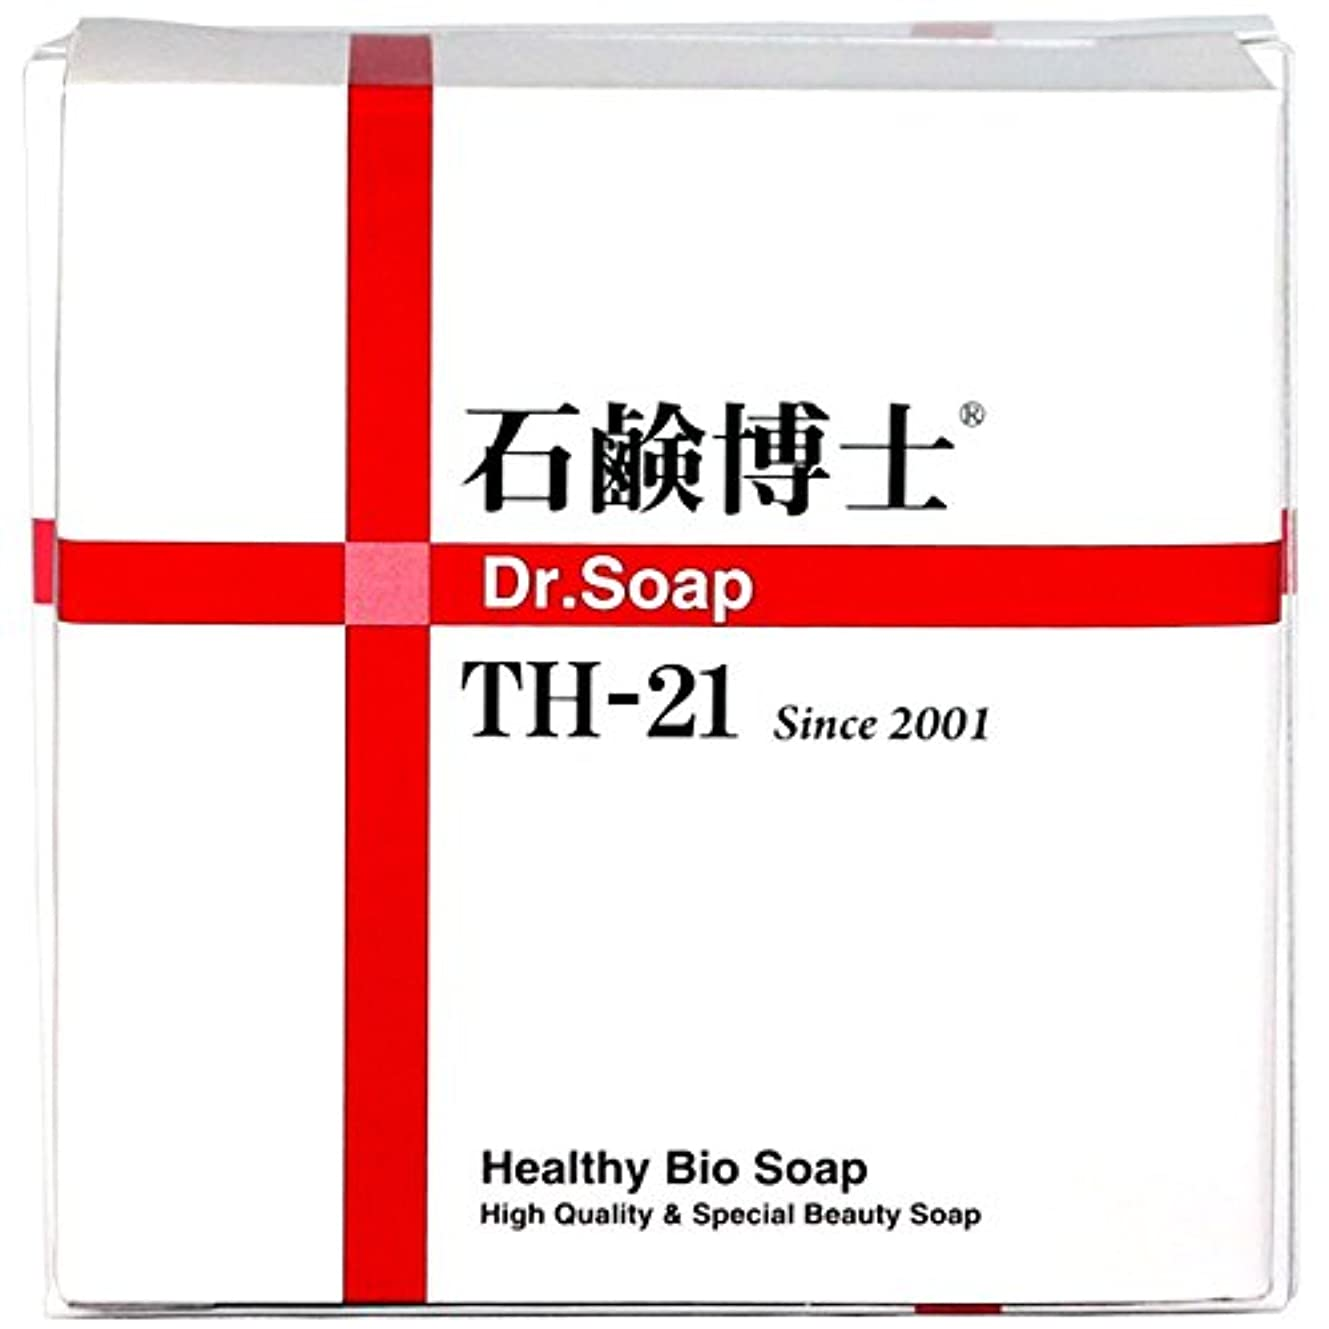 ではごきげんよう芝生付録ミネラルと分解酵素で洗顔しながらスキンケア 石鹸博士 DRソープ石鹸 Dr.Soap TH-21 100g